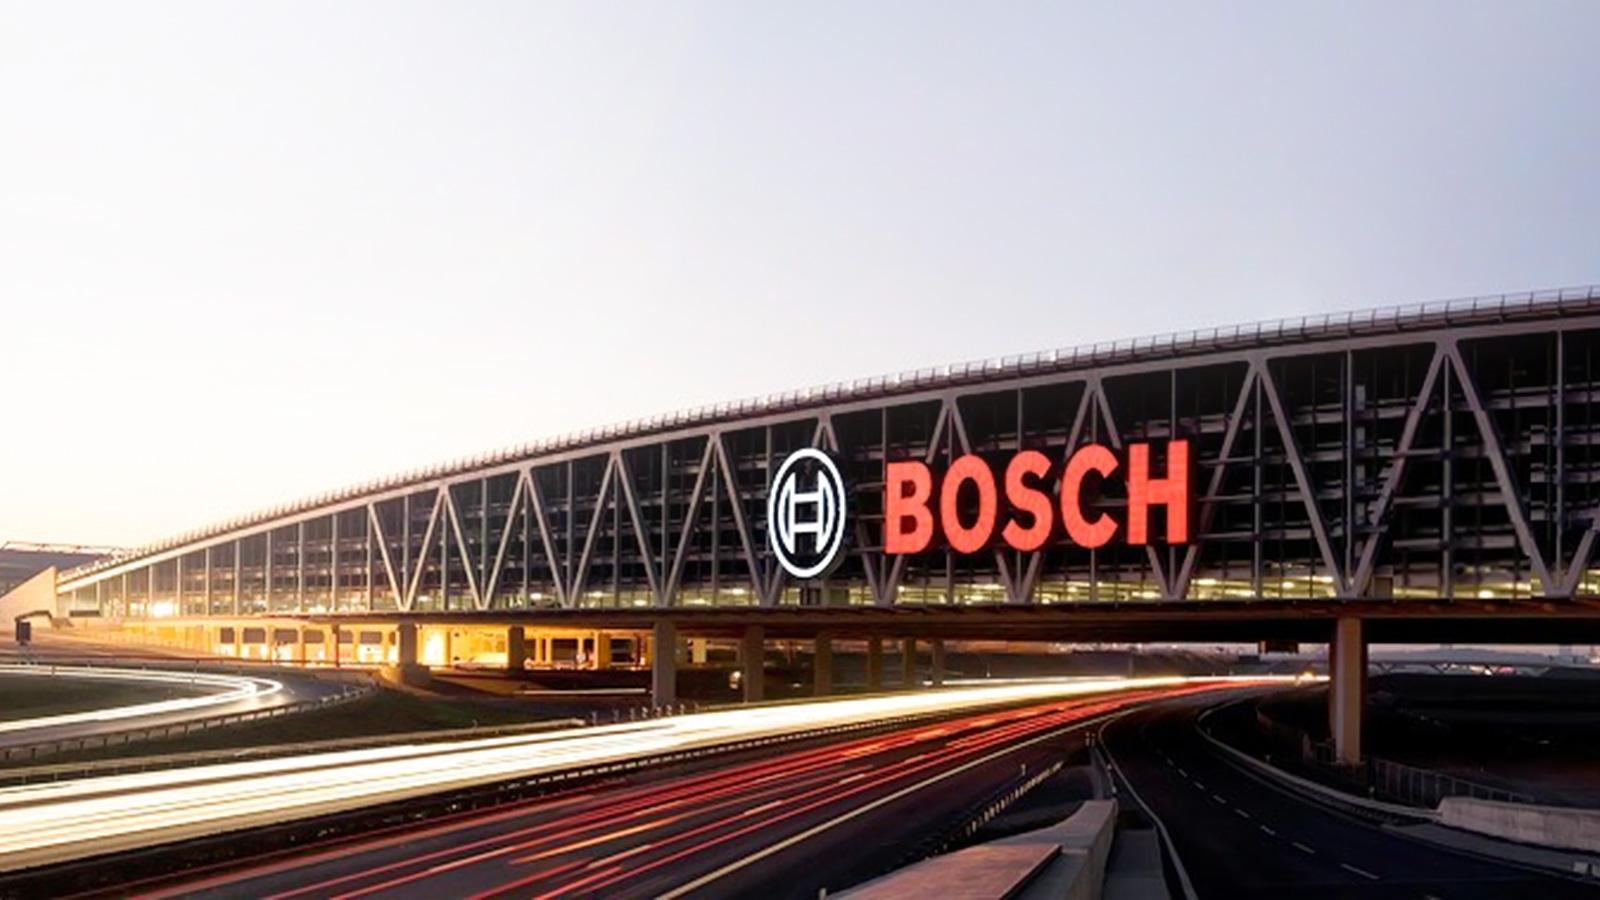 Le géant Bosch, leader de la batterie, électroménager et outil de bricolage